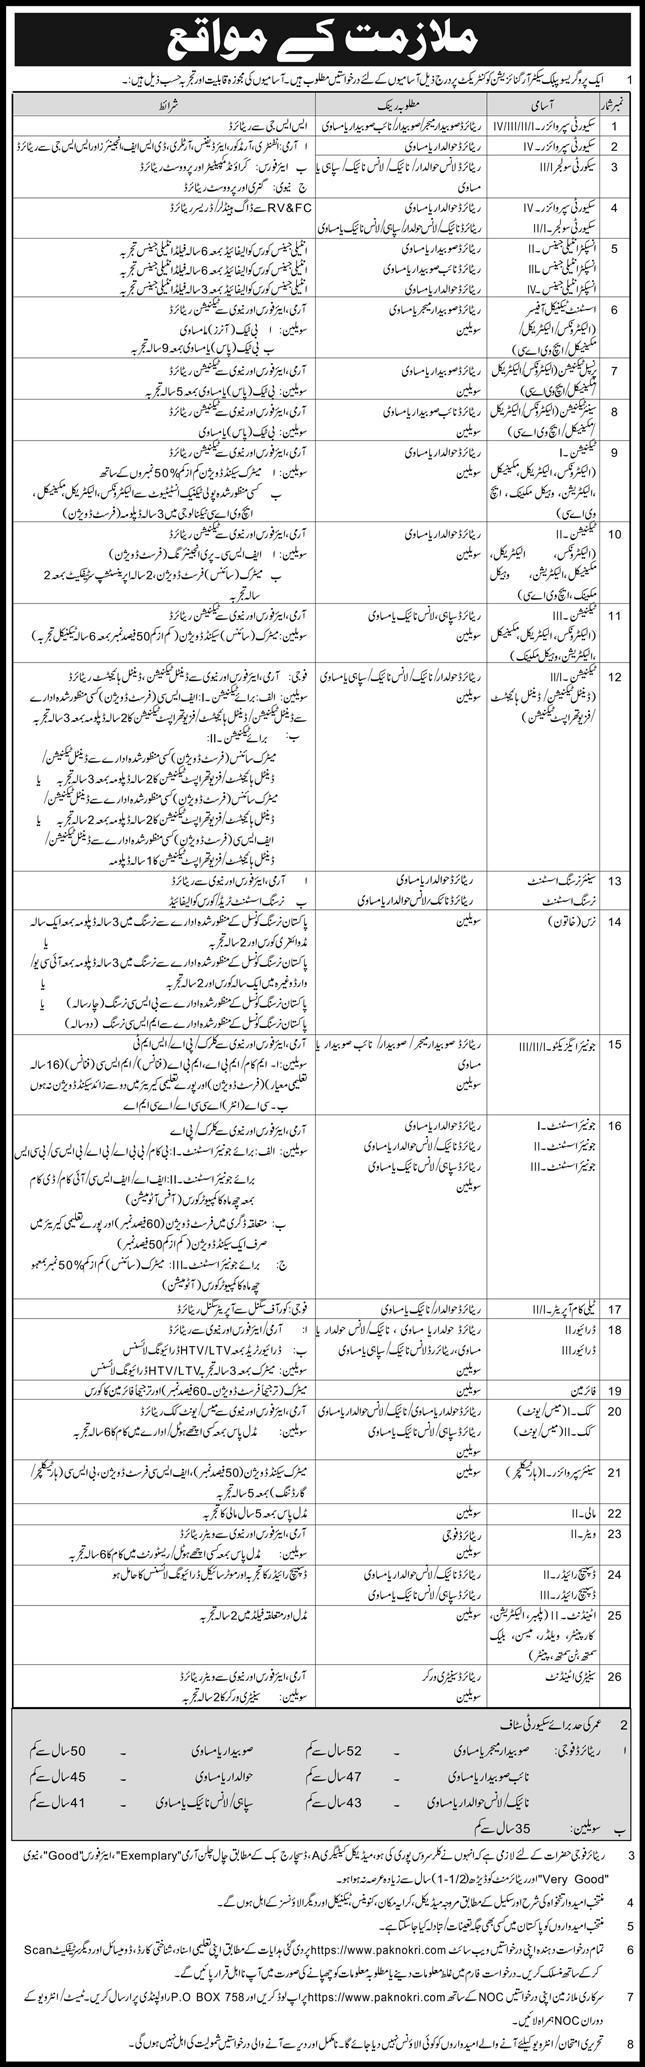 https://www.paknokri.com Jobs 2021 - Progressive Public Sector Organization Jobs 2021 in Pakistan